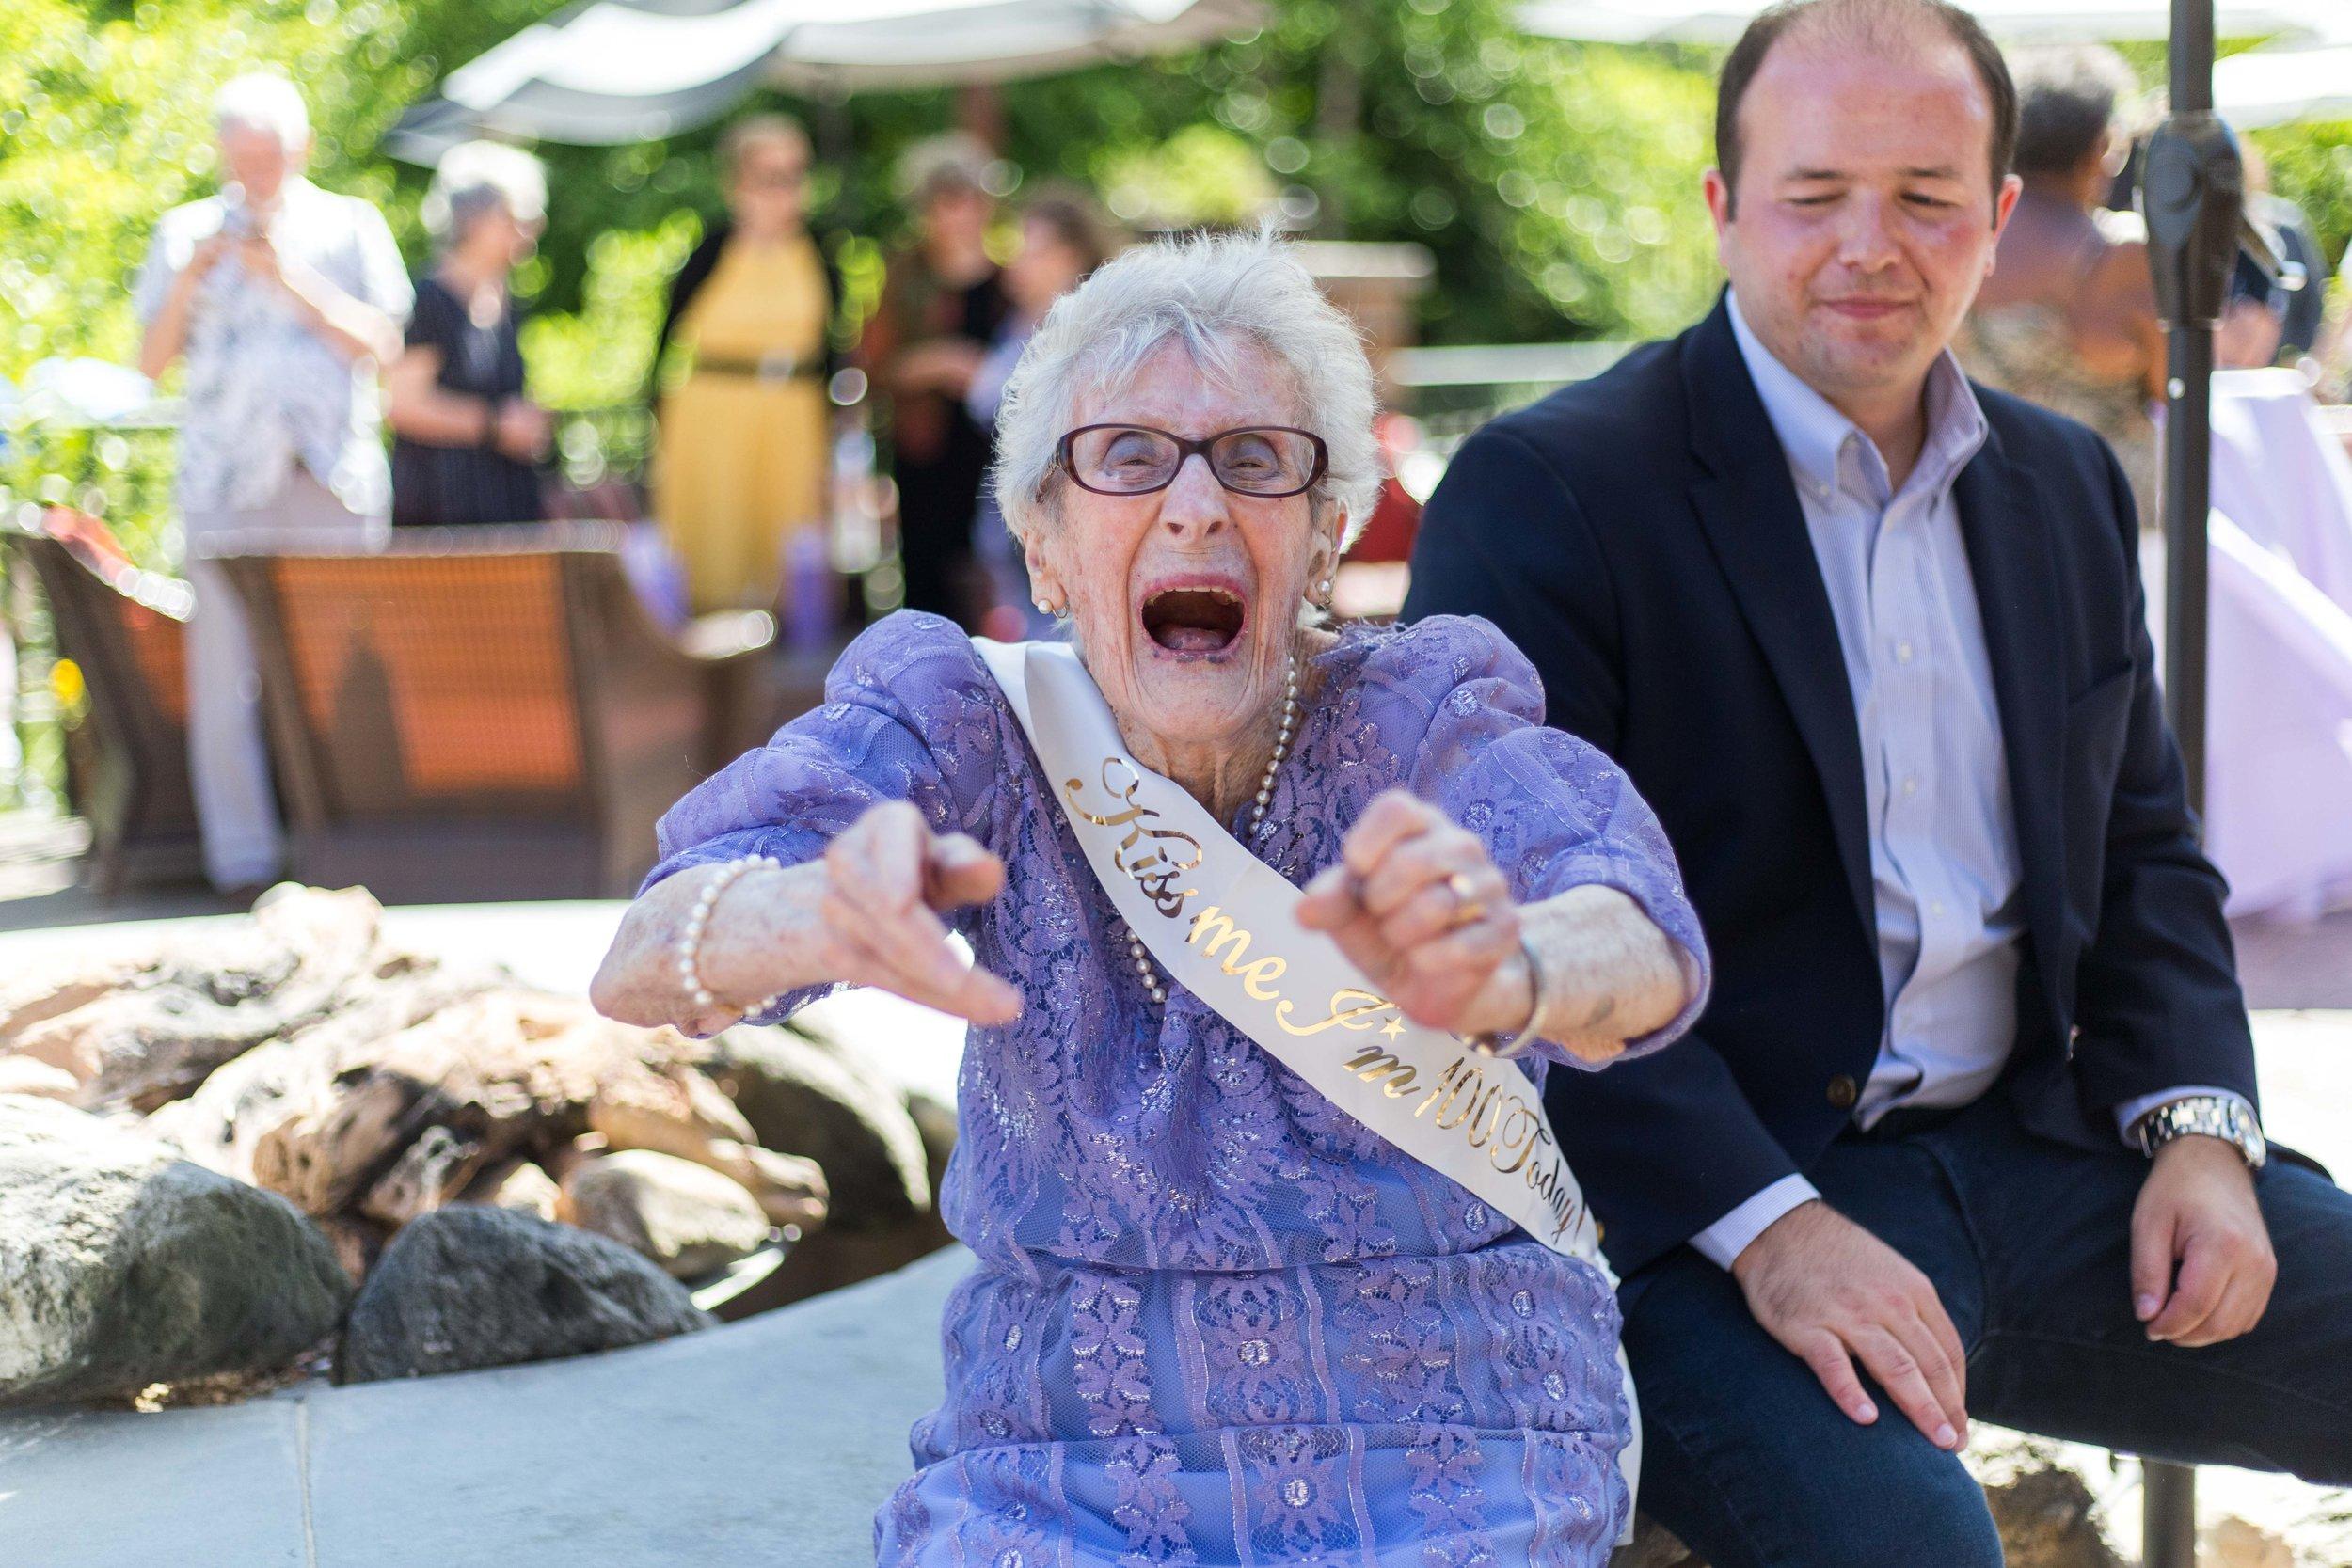 McLoones Boathouse West Orange NJ 100th Birthday Party Event Photos-30.jpg